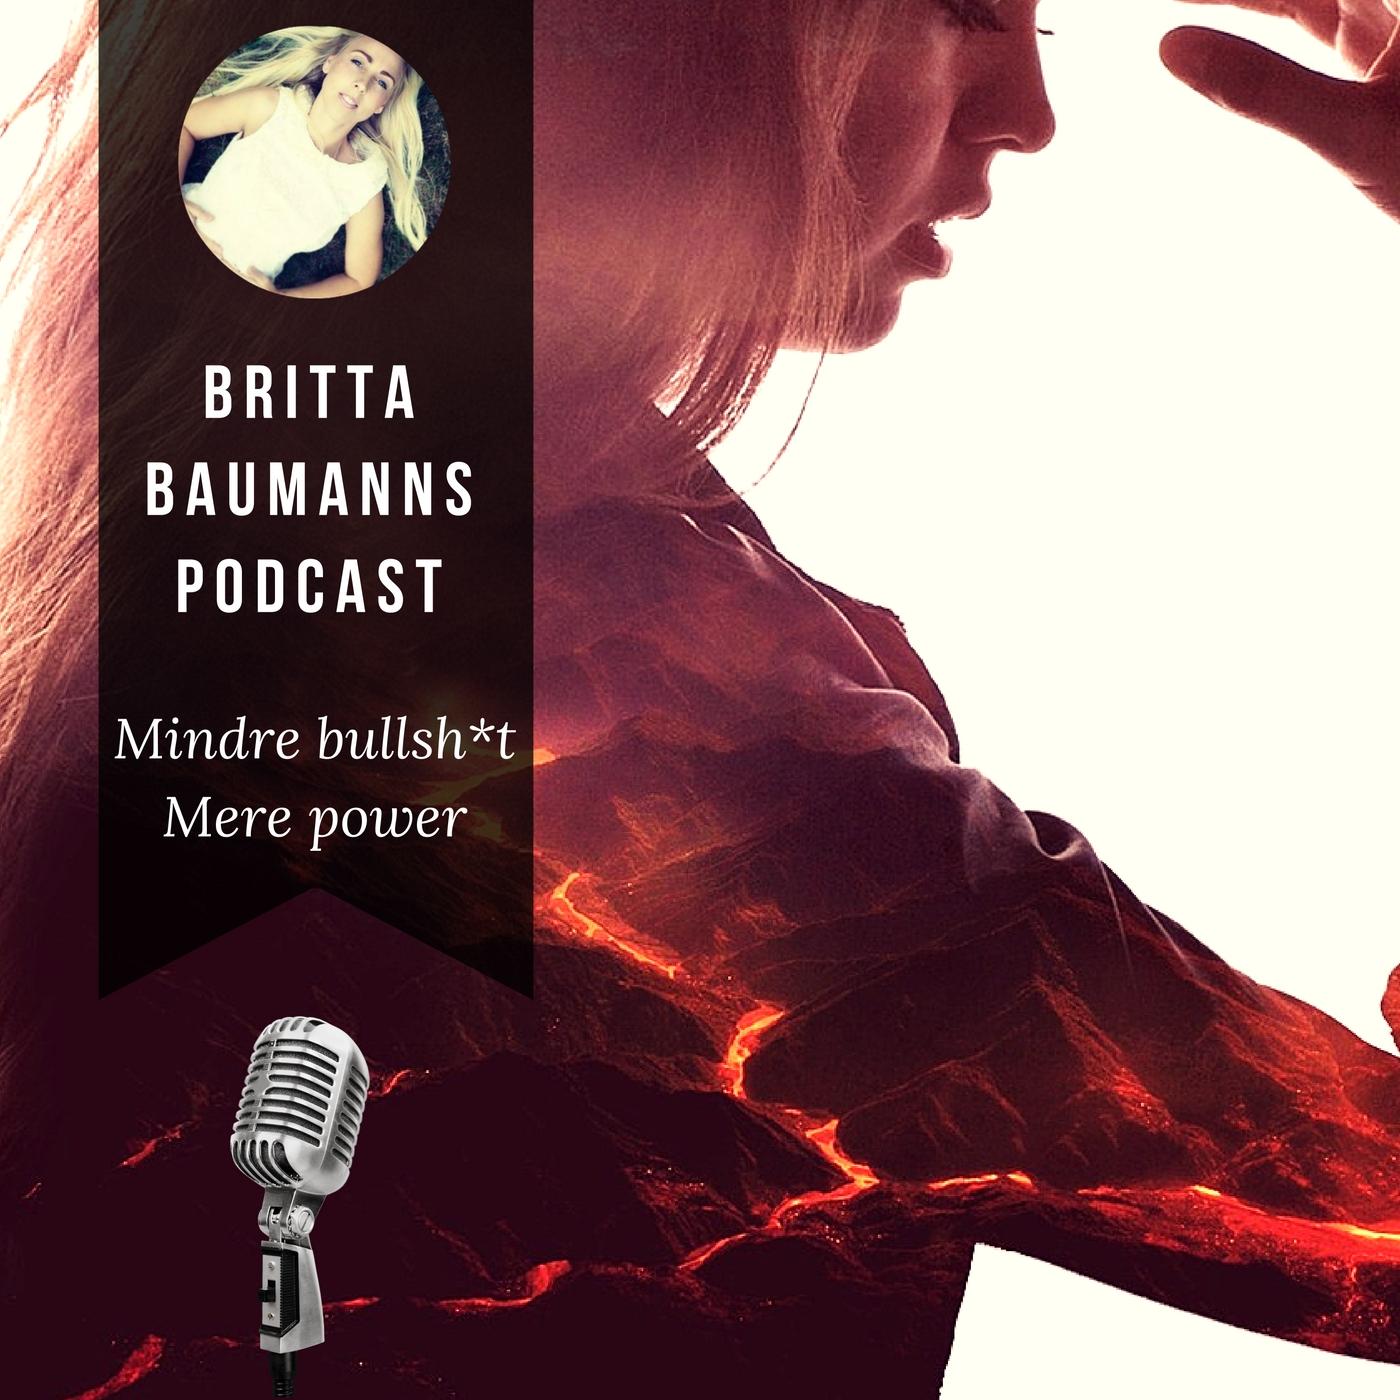 Britta Baumanns Podcast: Mindre bullsh*t! Mere power!